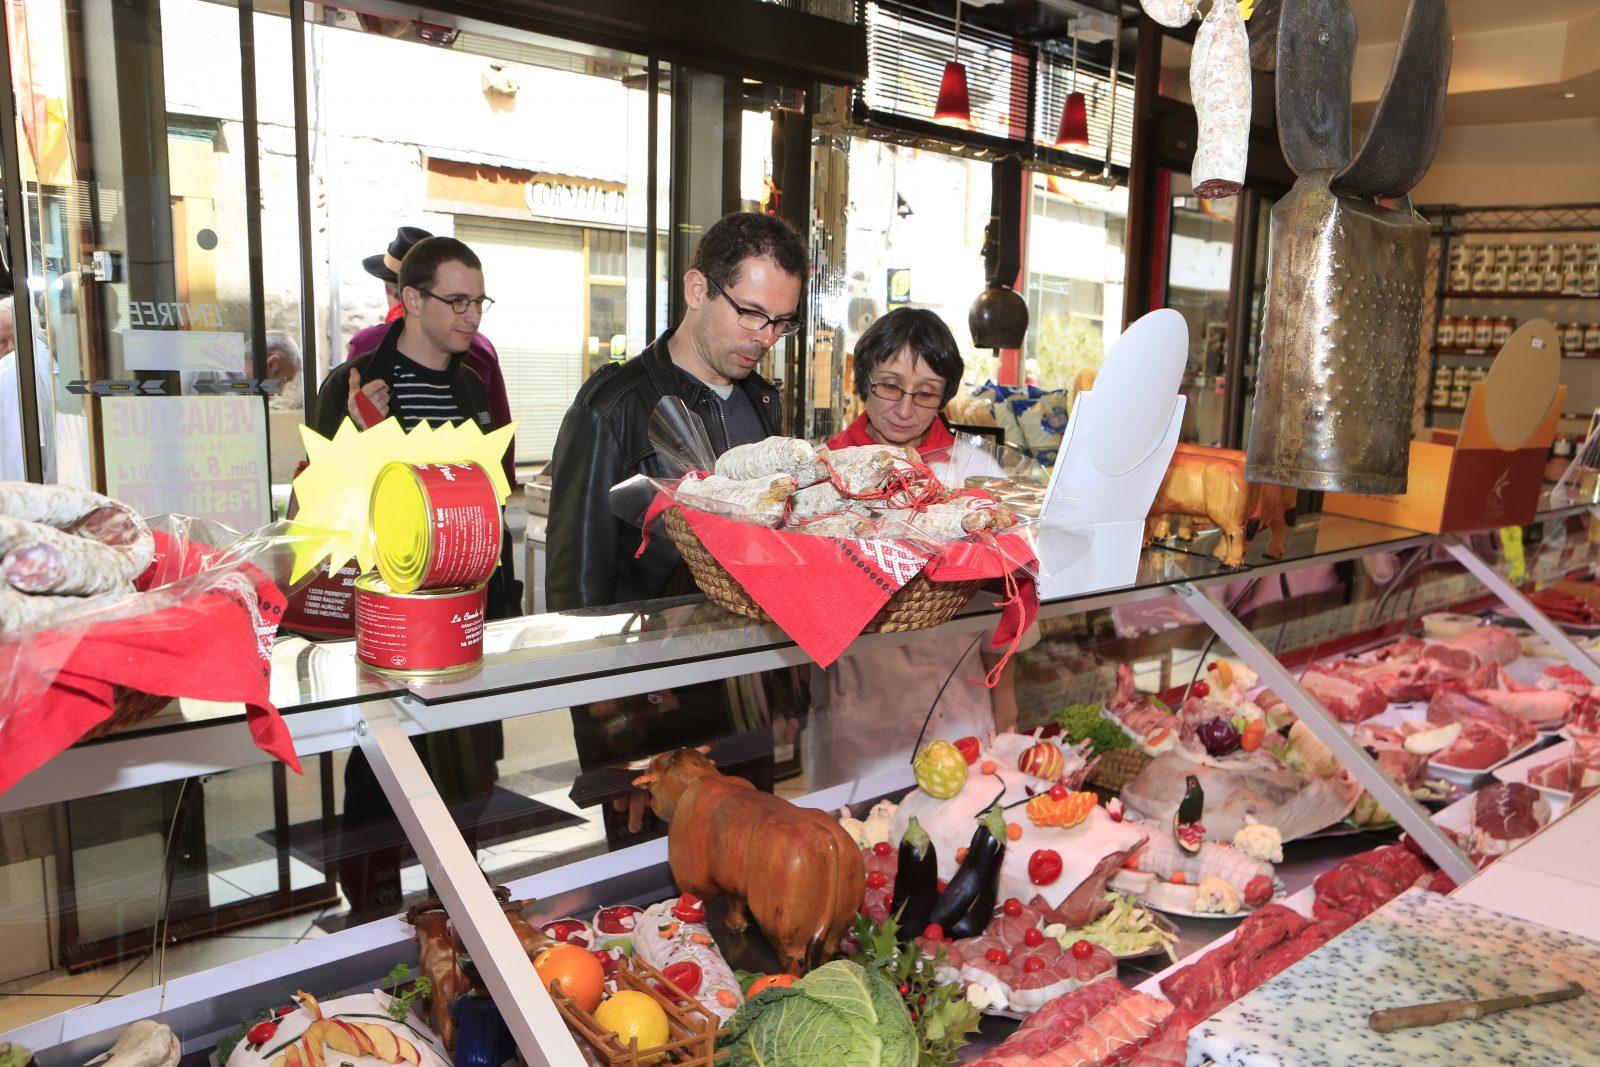 Maison Joffrois – Boucherie de Pierrefort-3